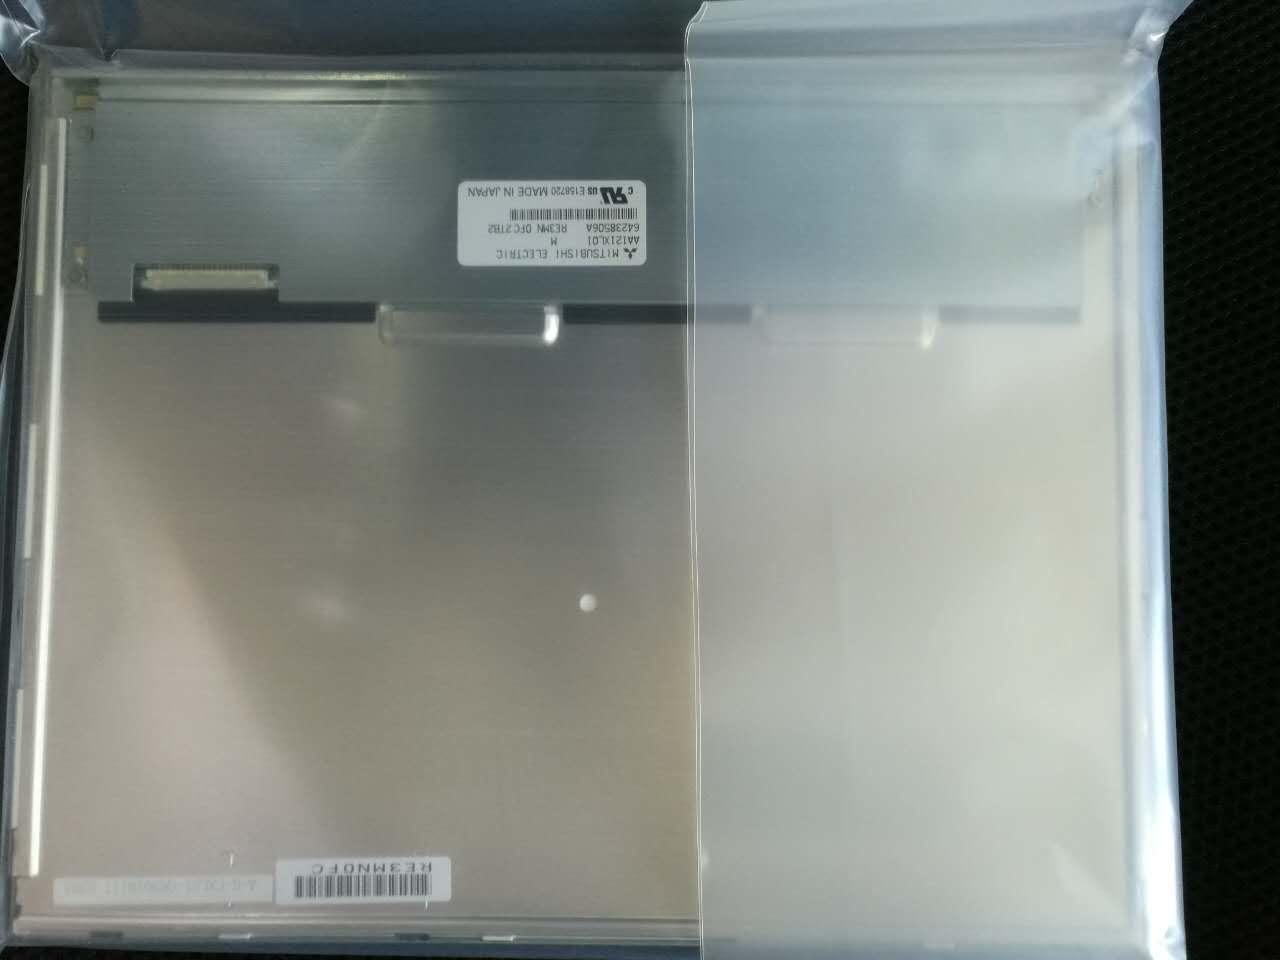 AA121XL01 mitsubishi lcd panel